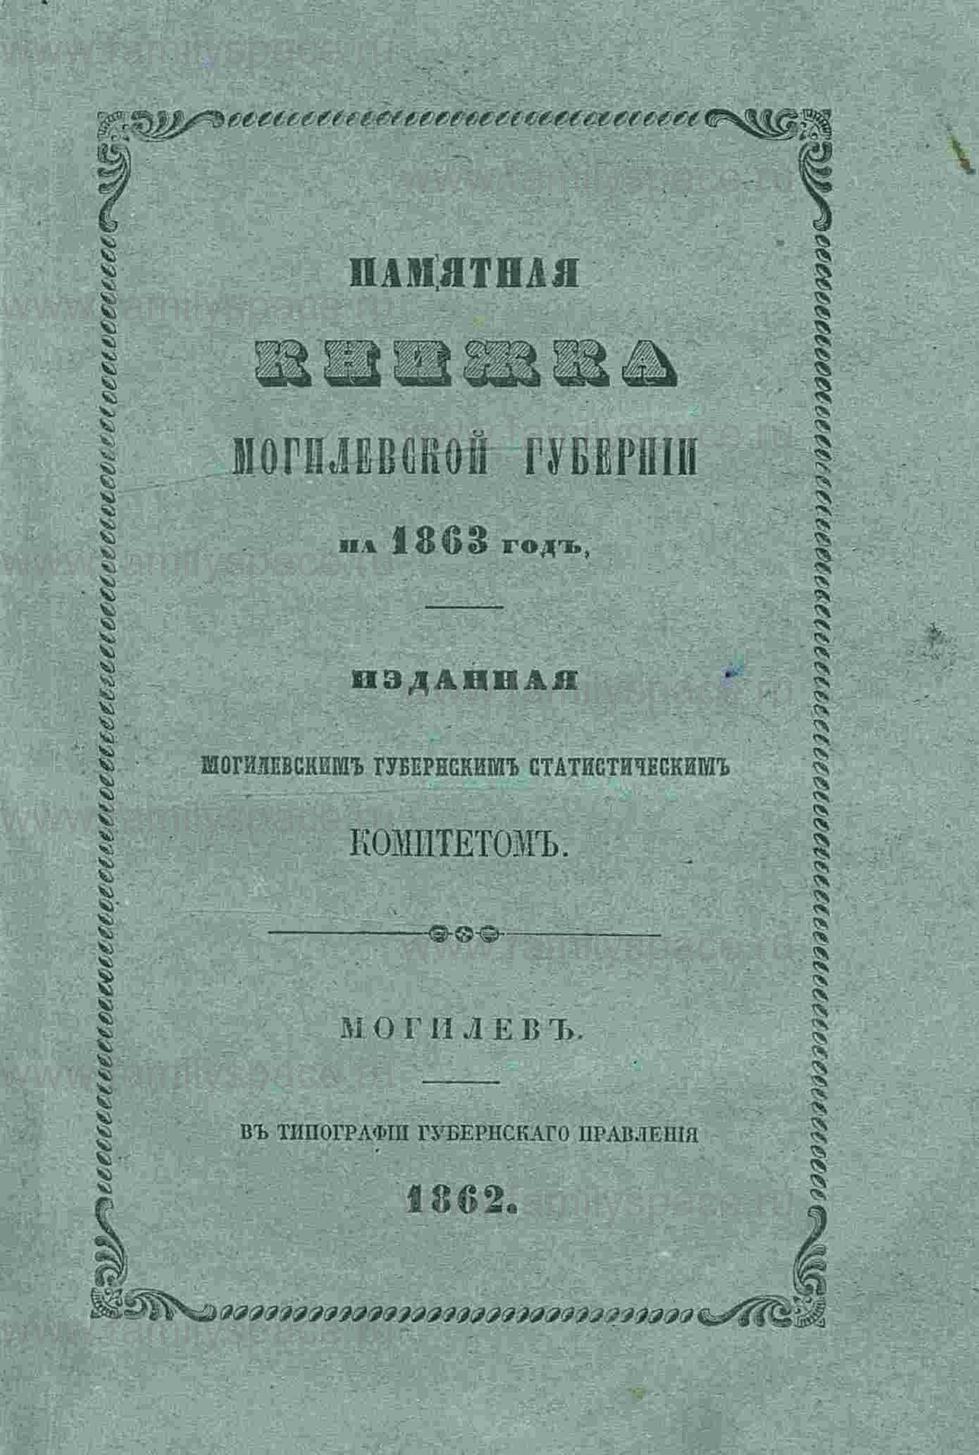 Поиск по фамилии - Памятная книжка Могилёвской губернии на 1863 год, страница -5